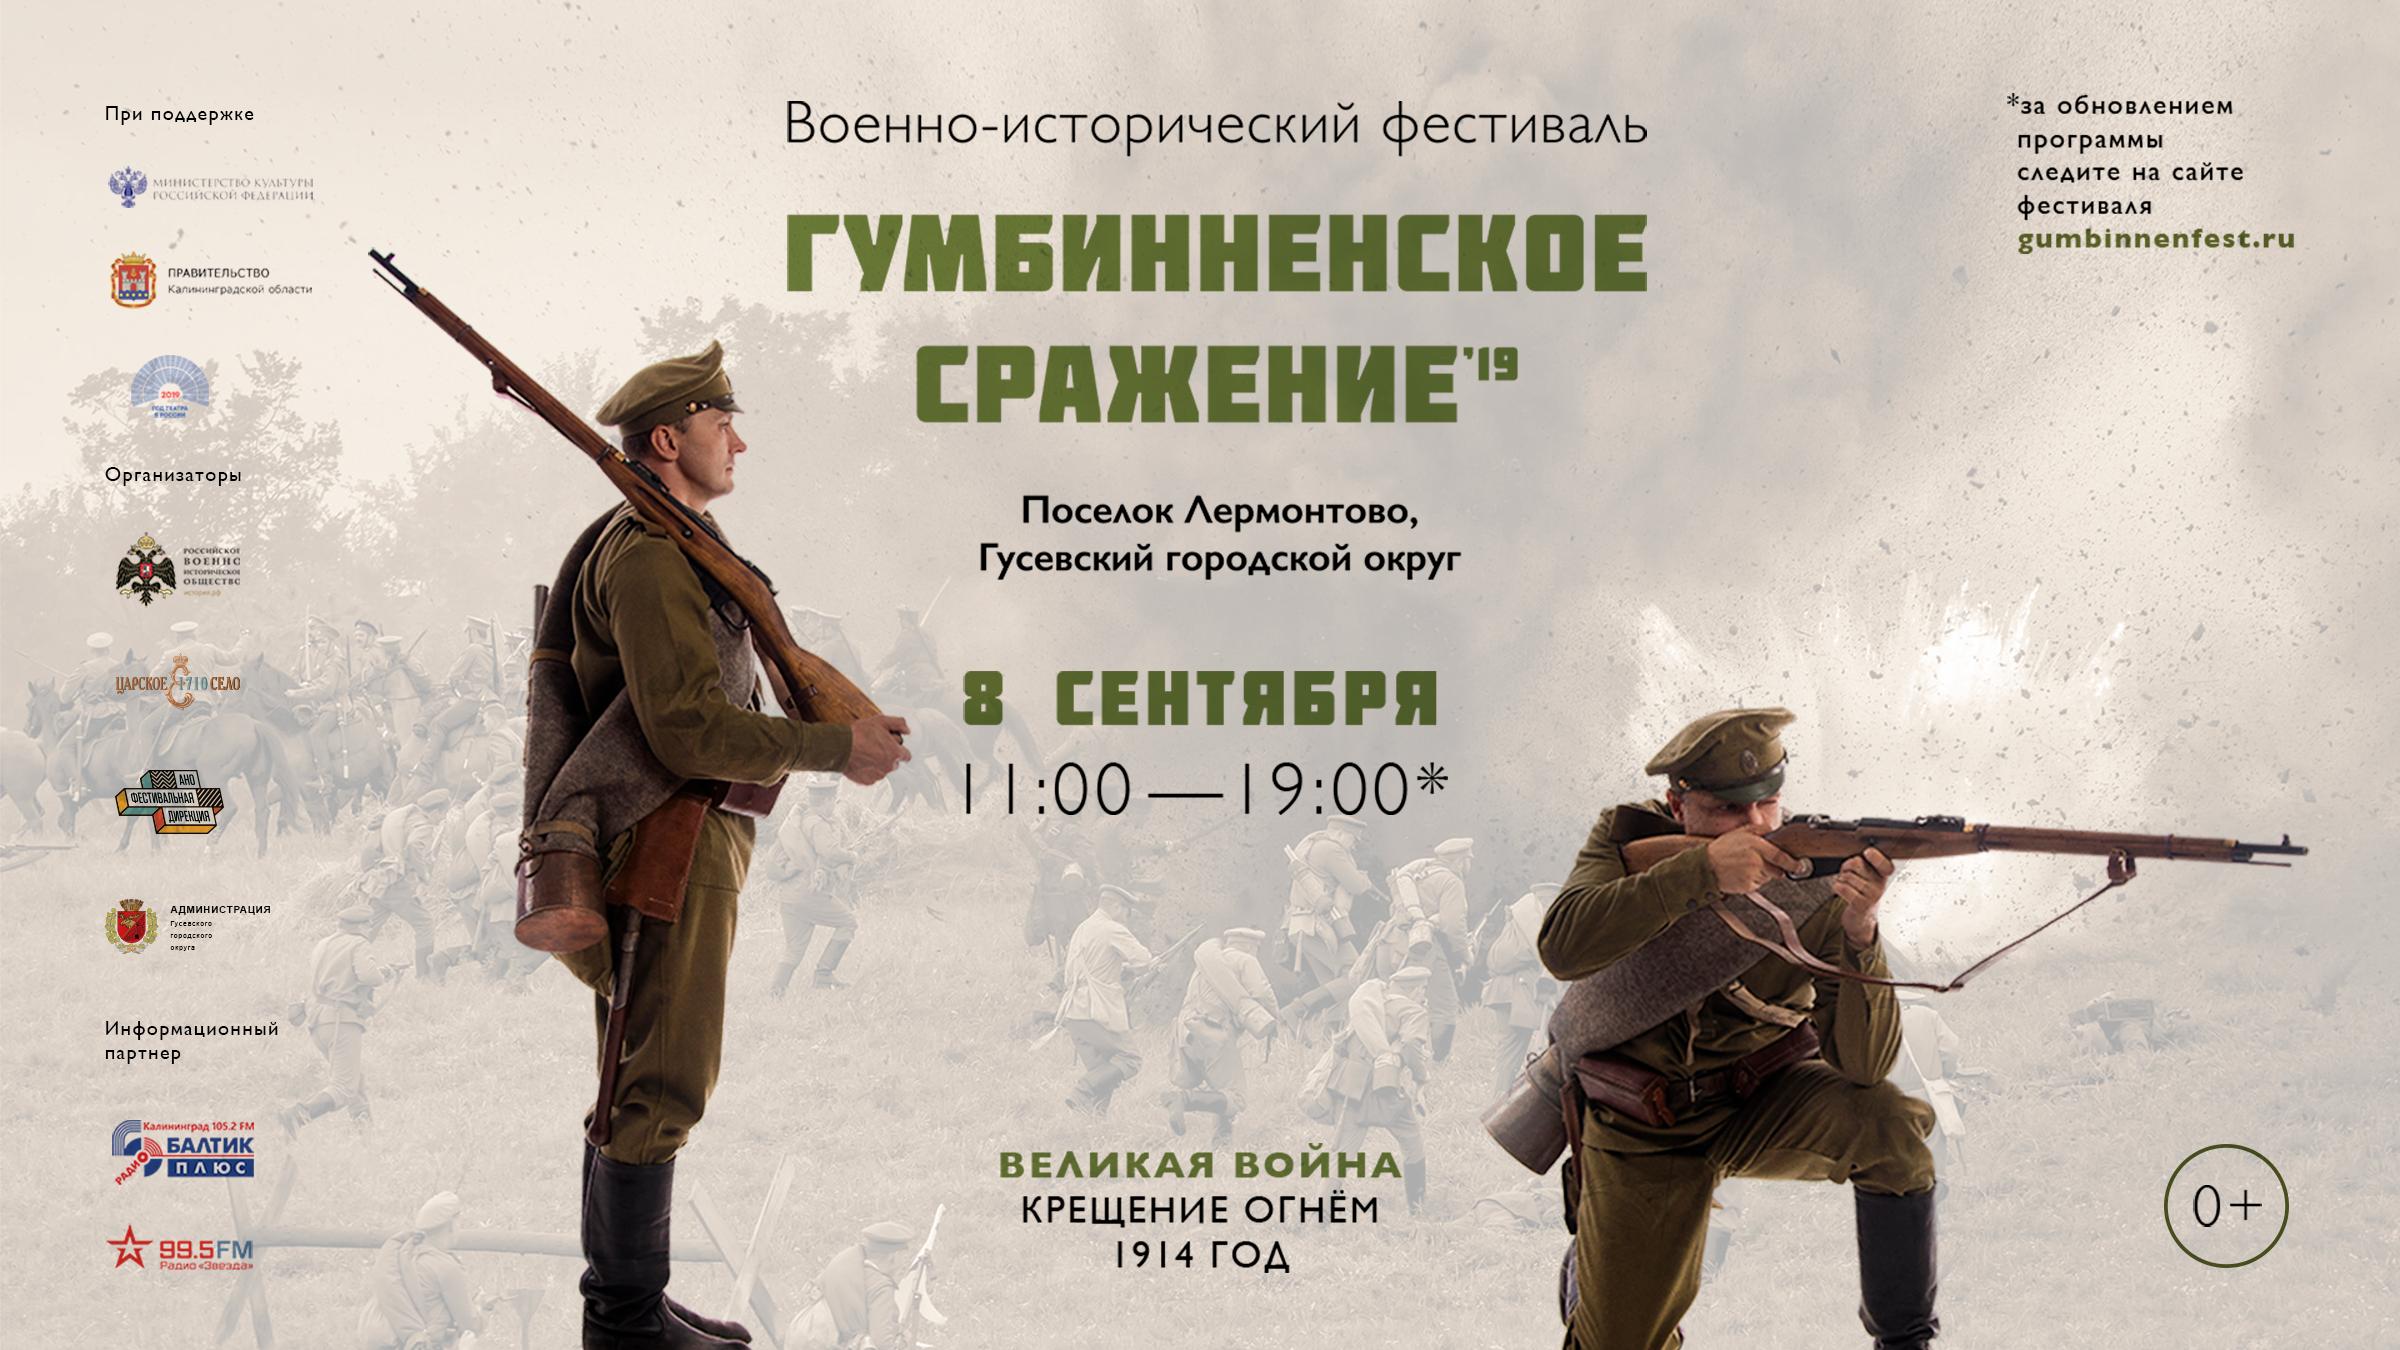 Военно-исторический фестиваль «Гумбинненское сражение» будет посвящен 105-летию победы Русской Армии в одноименном бою